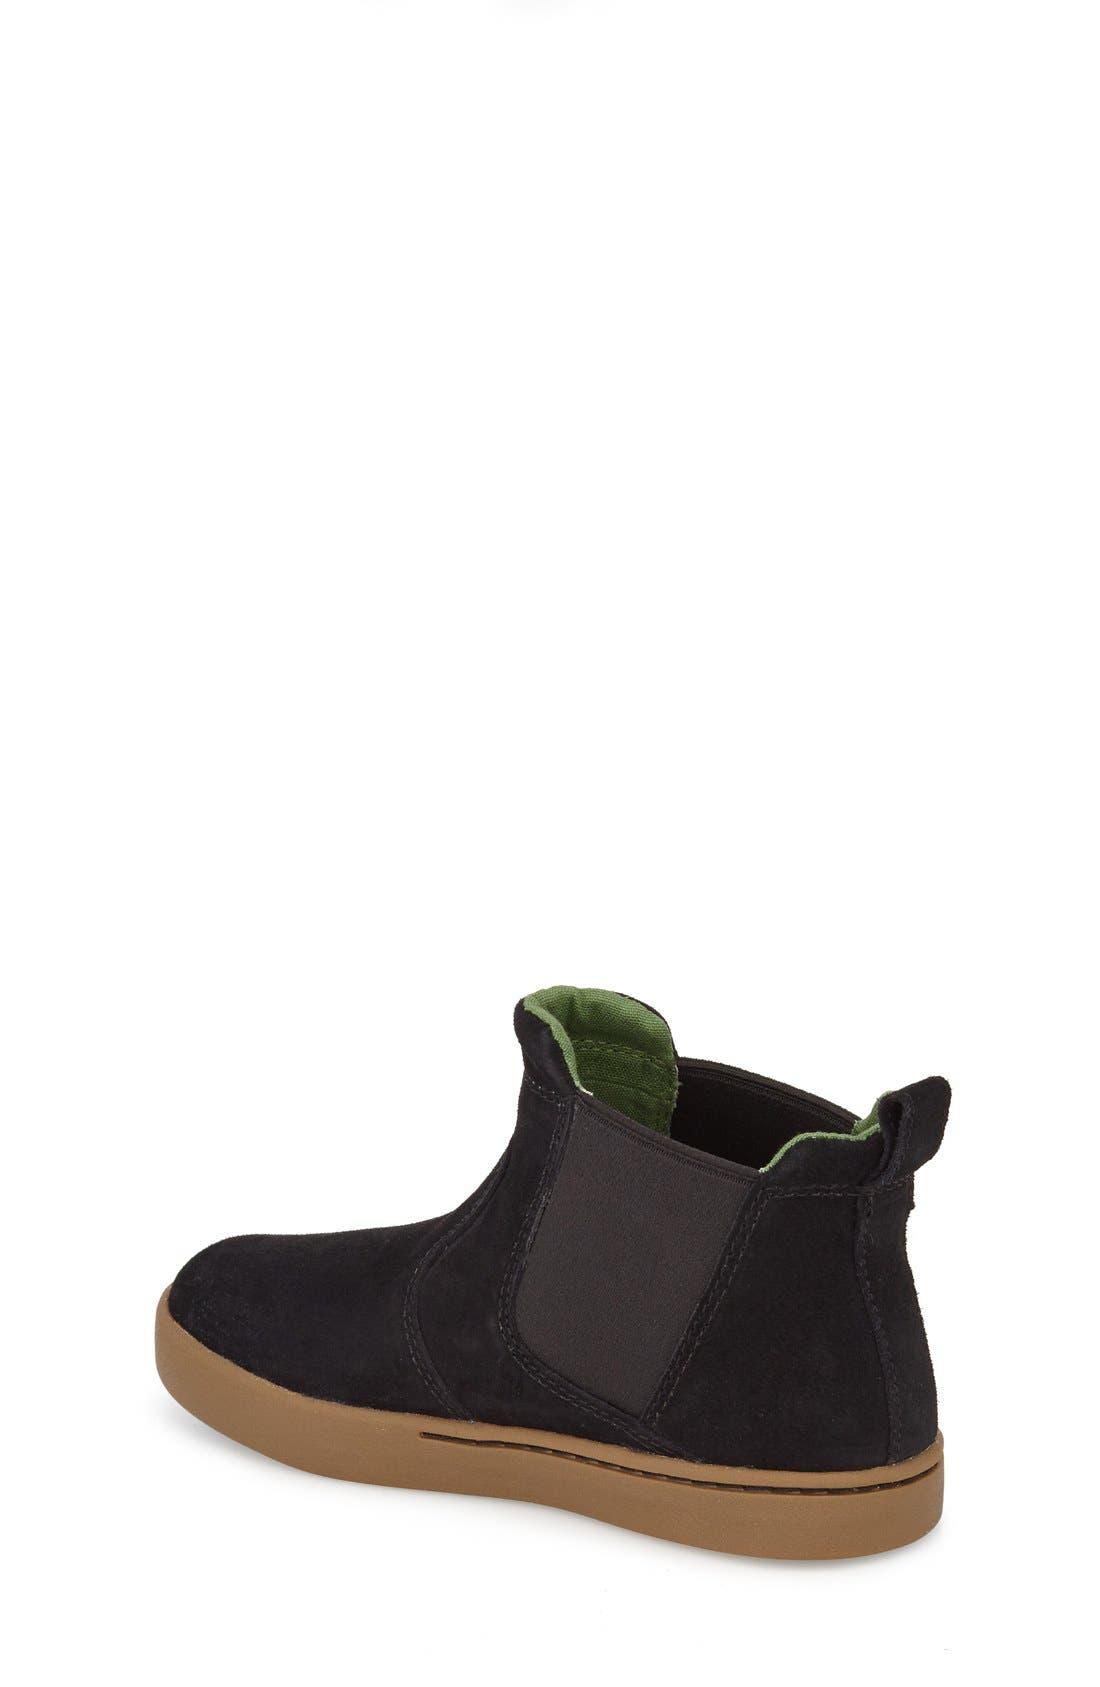 Hamden Sneaker,                             Alternate thumbnail 4, color,